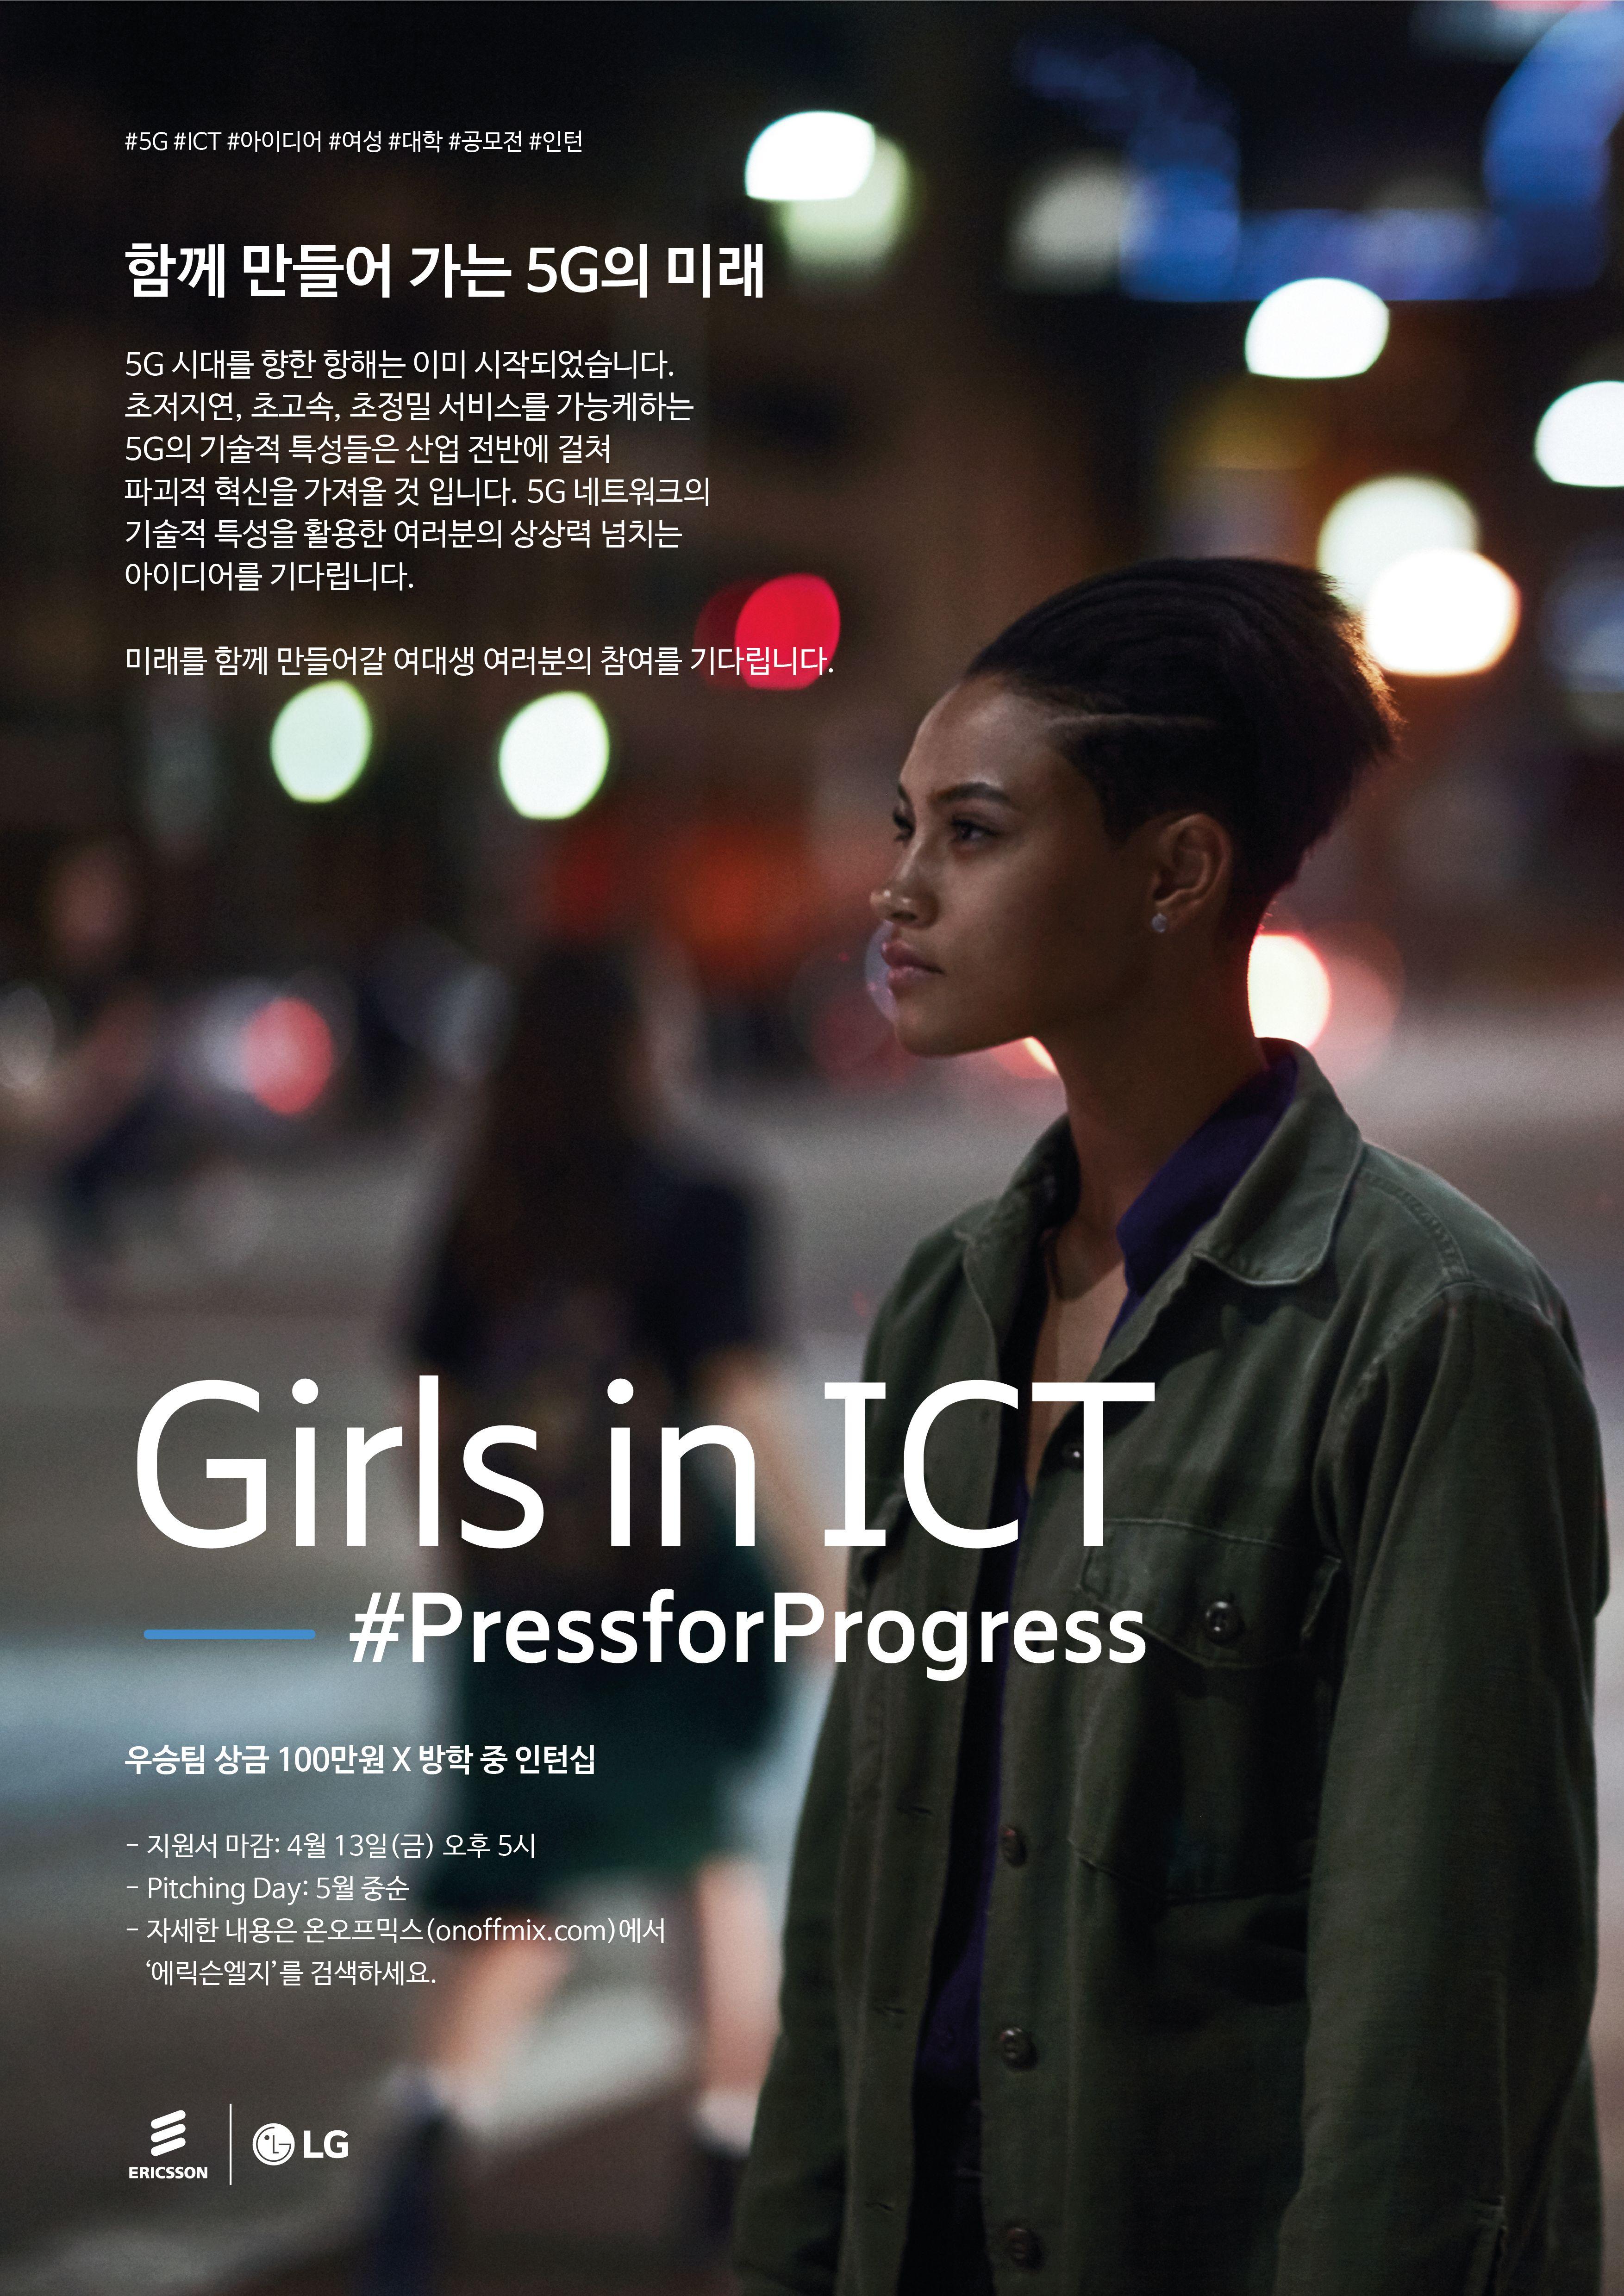 [에릭슨엘지] Girls in ICT 2018 - ICT 아이디어 공모전